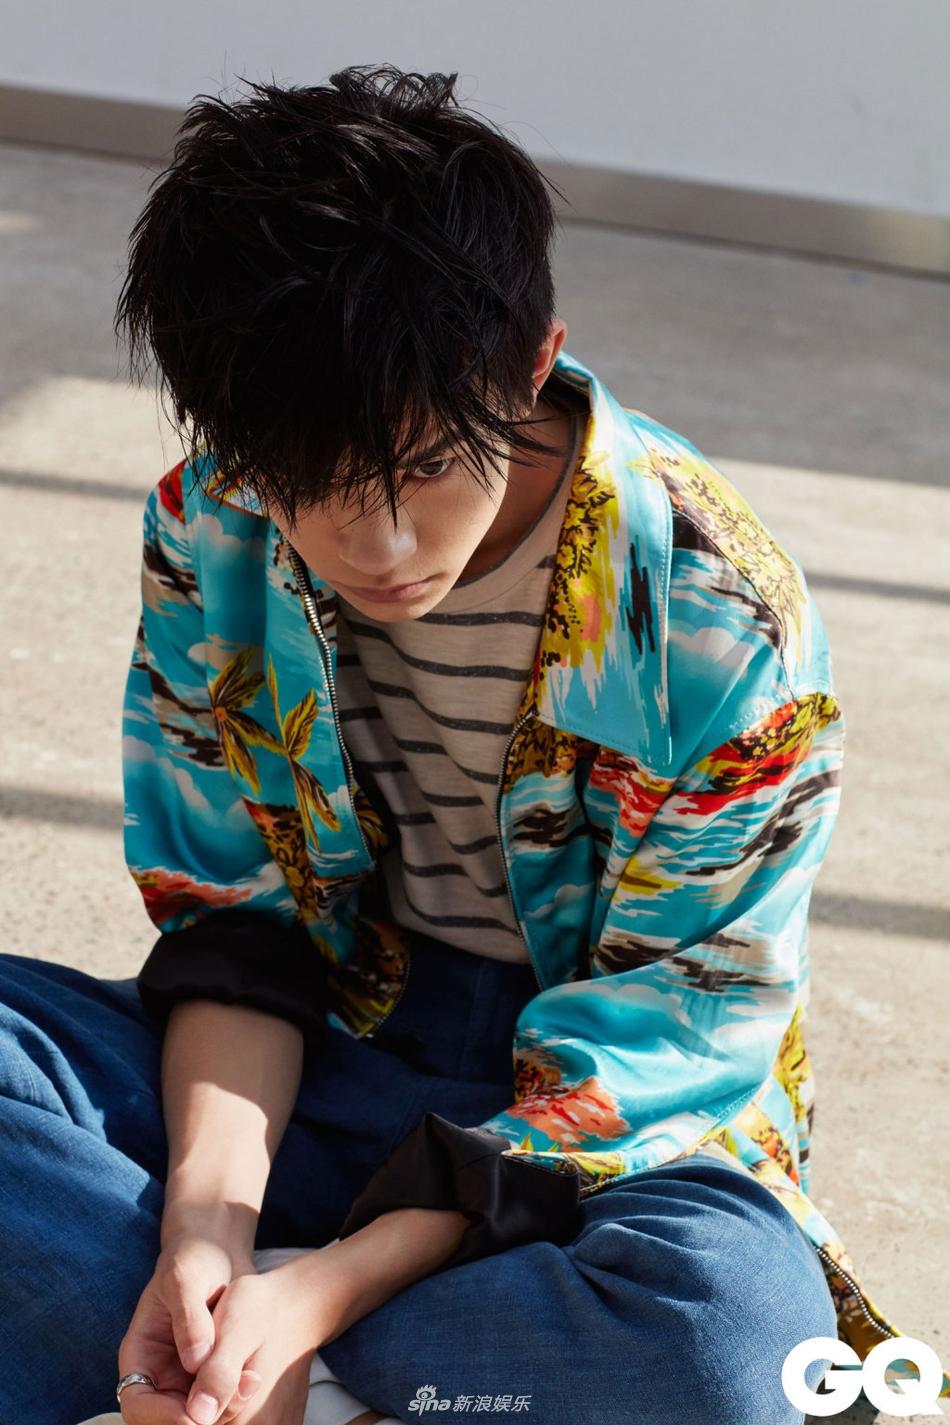 组图 易烊千玺最新杂志大片眼神凌厉 少年模样展清冷气质